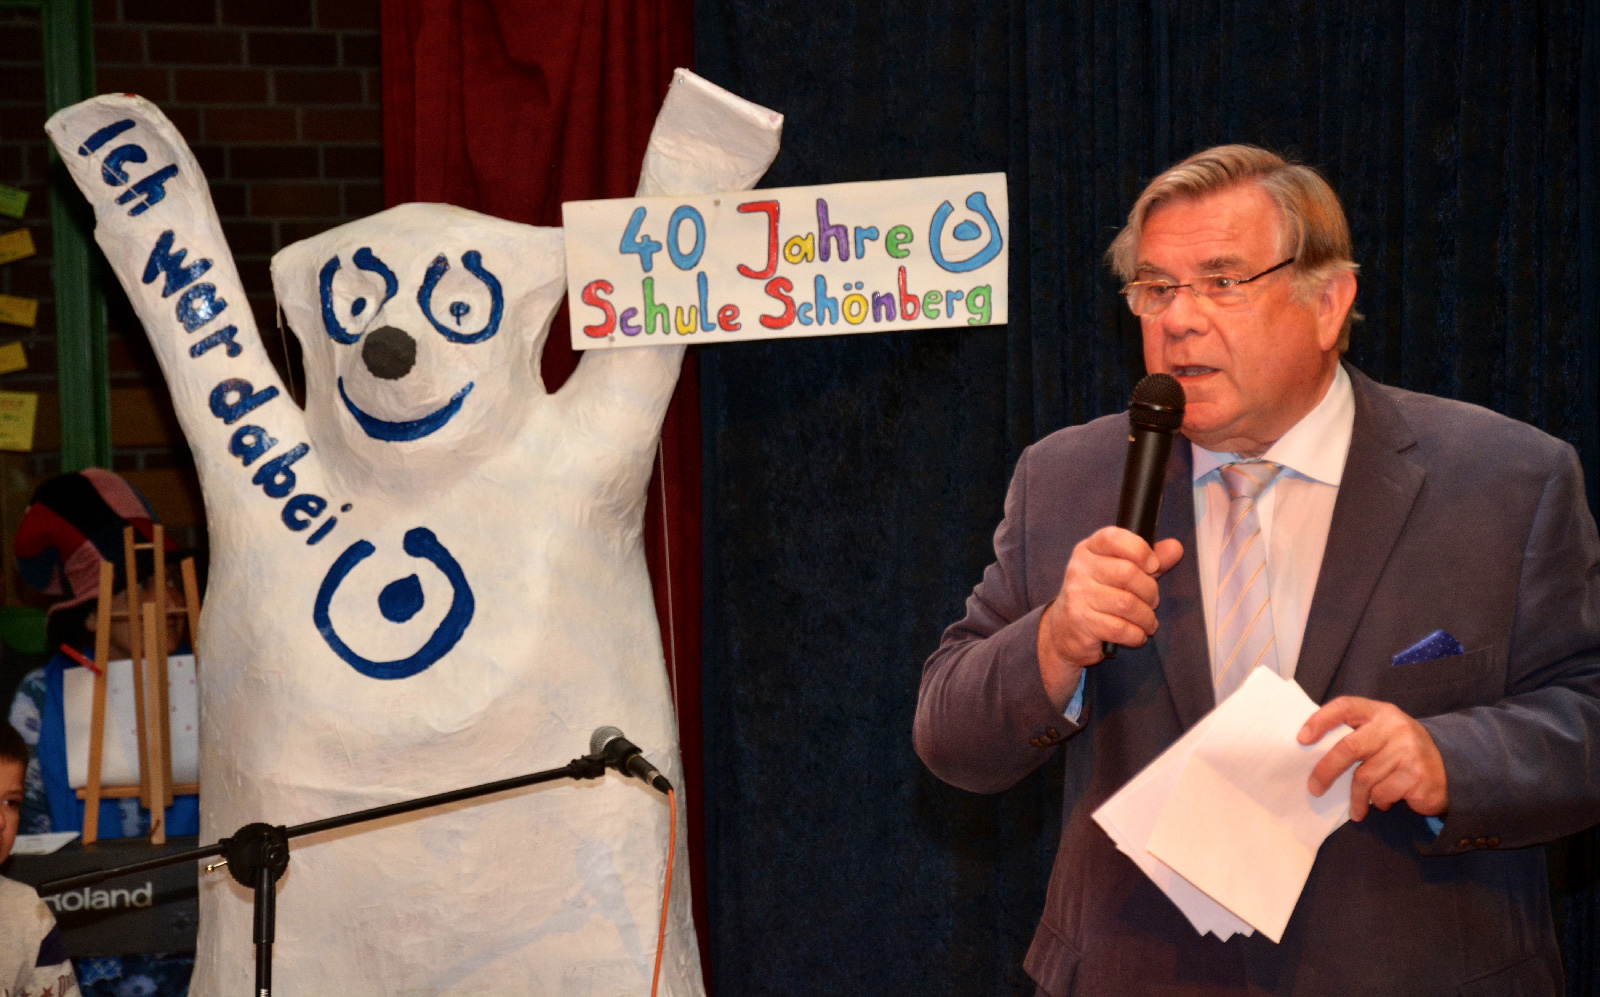 Lebenshilfe-Chef John nannte Meilensteine der Entwicklung 40 Jahre Schule in Schönberg, lobte Mitarbeiter der Schule und den scheidenden Rektor Janko für die großartige Arbeit mit den Schülern.